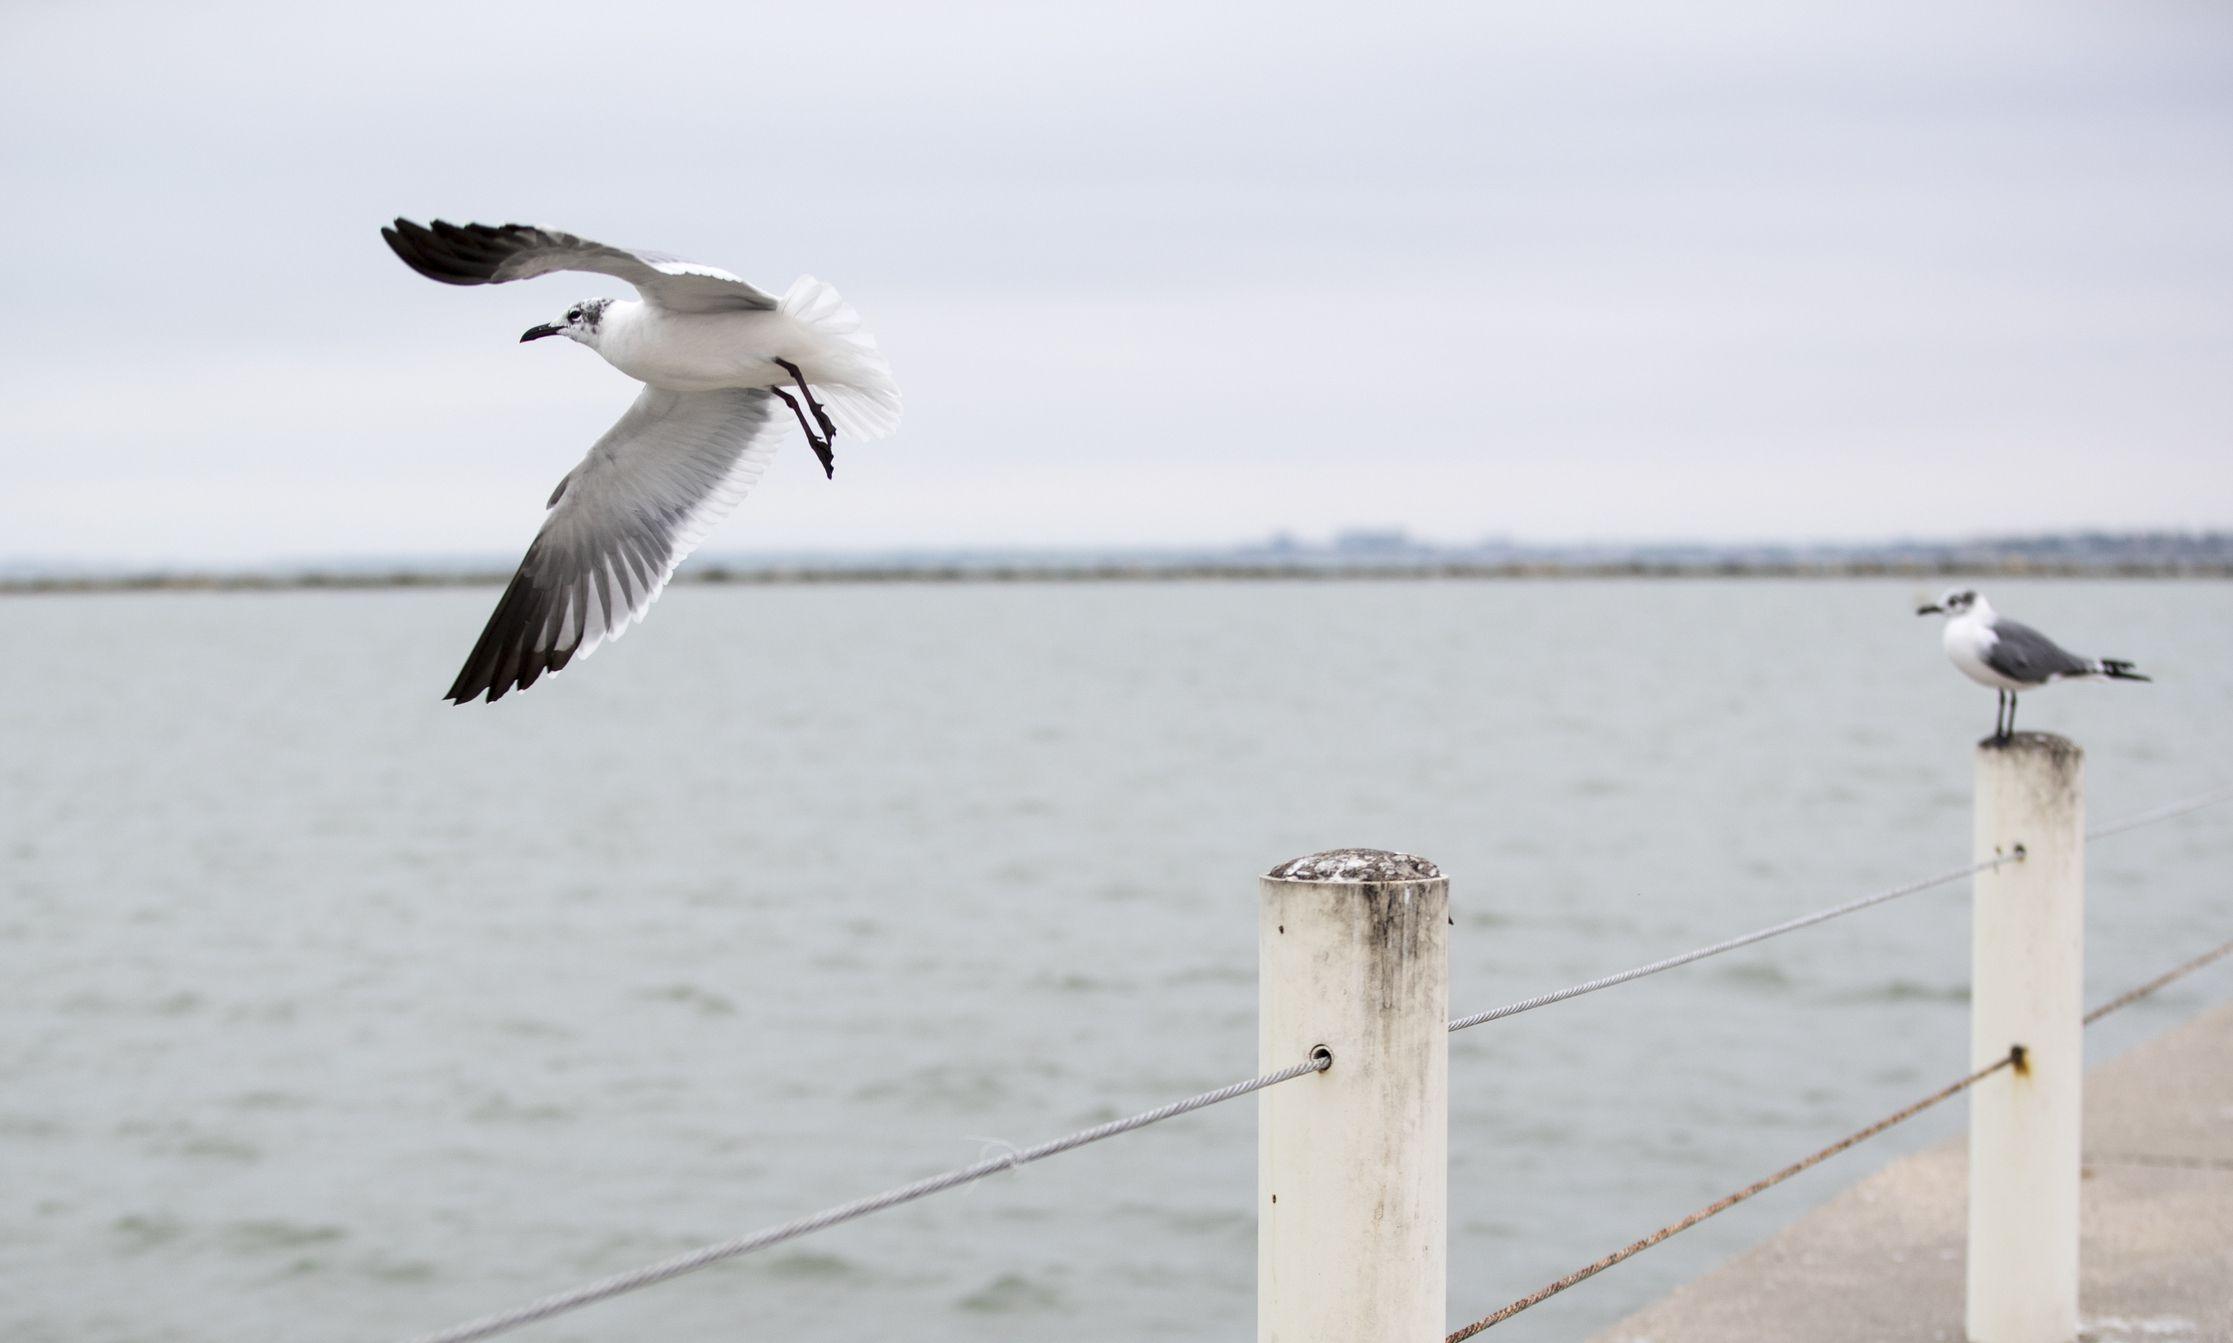 Laughing Gull in Corpus Christi